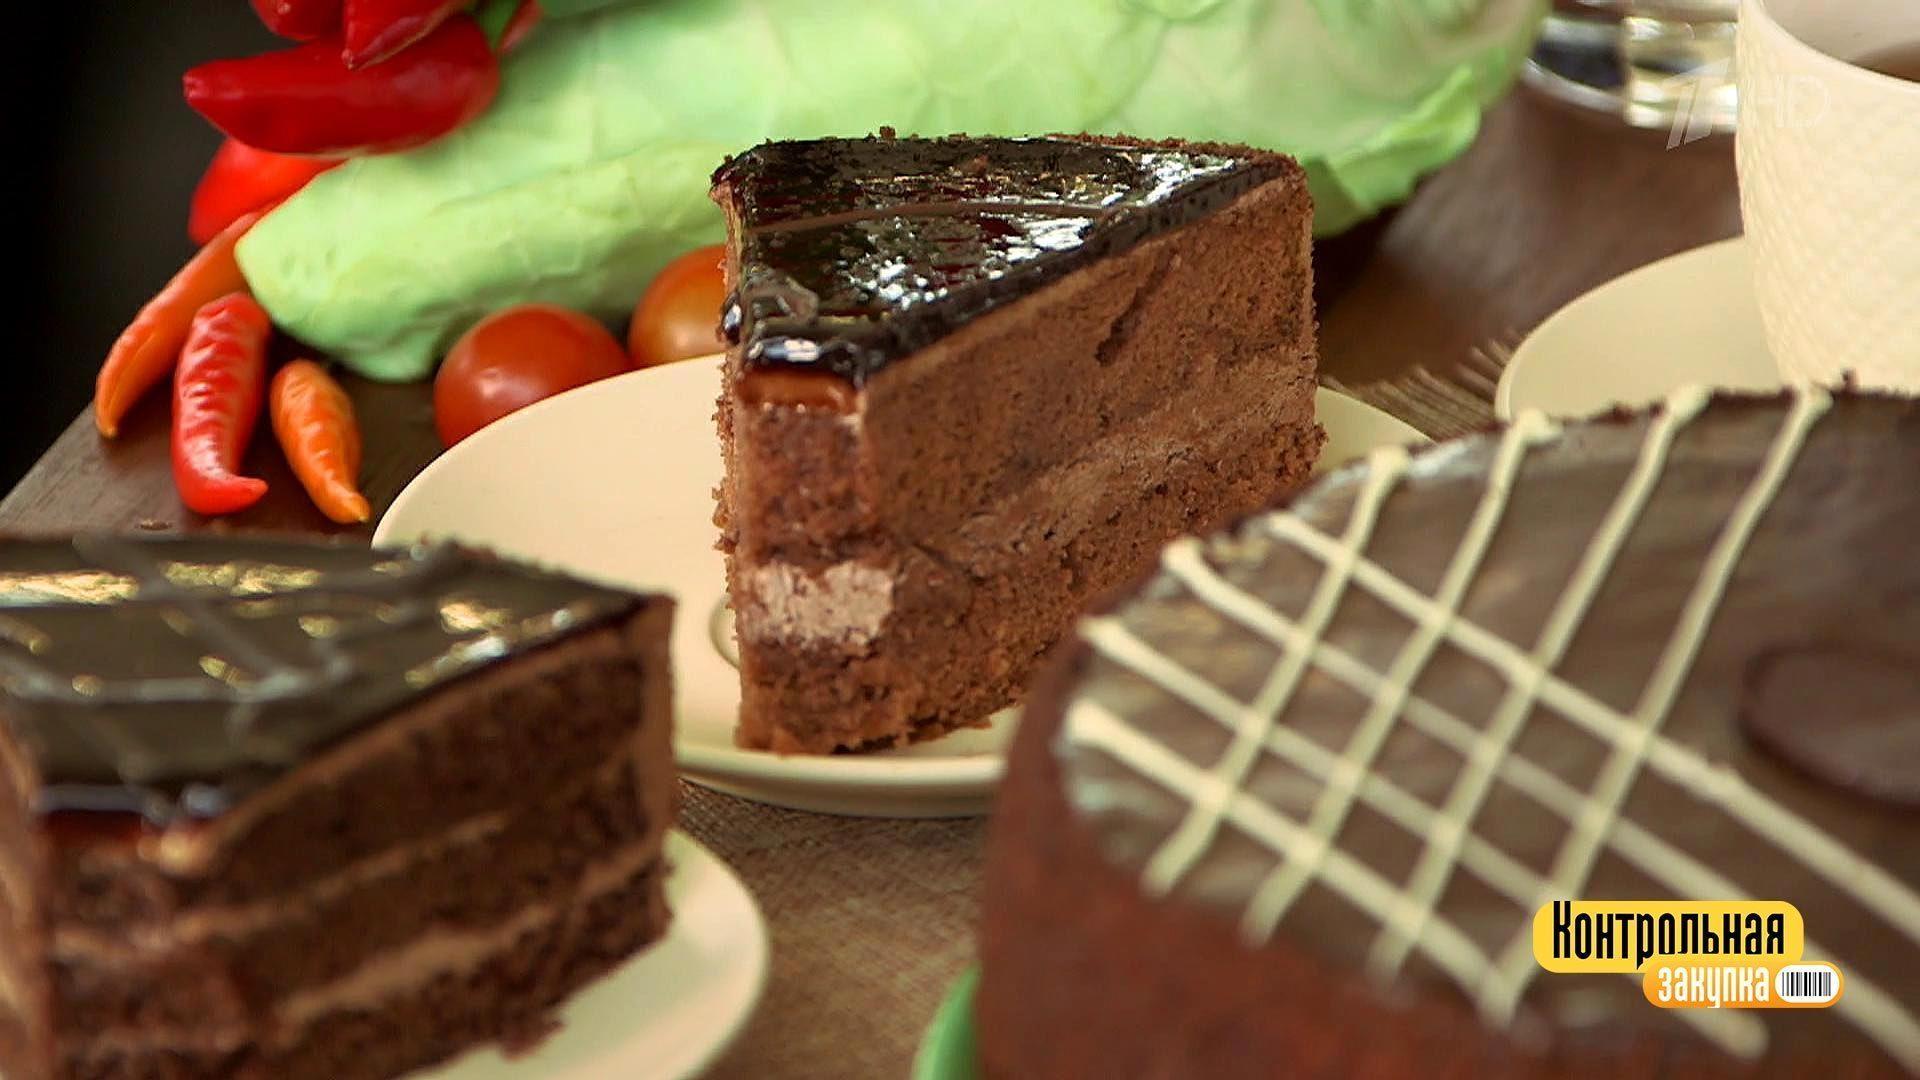 Торт кондитерская в праге рецепт